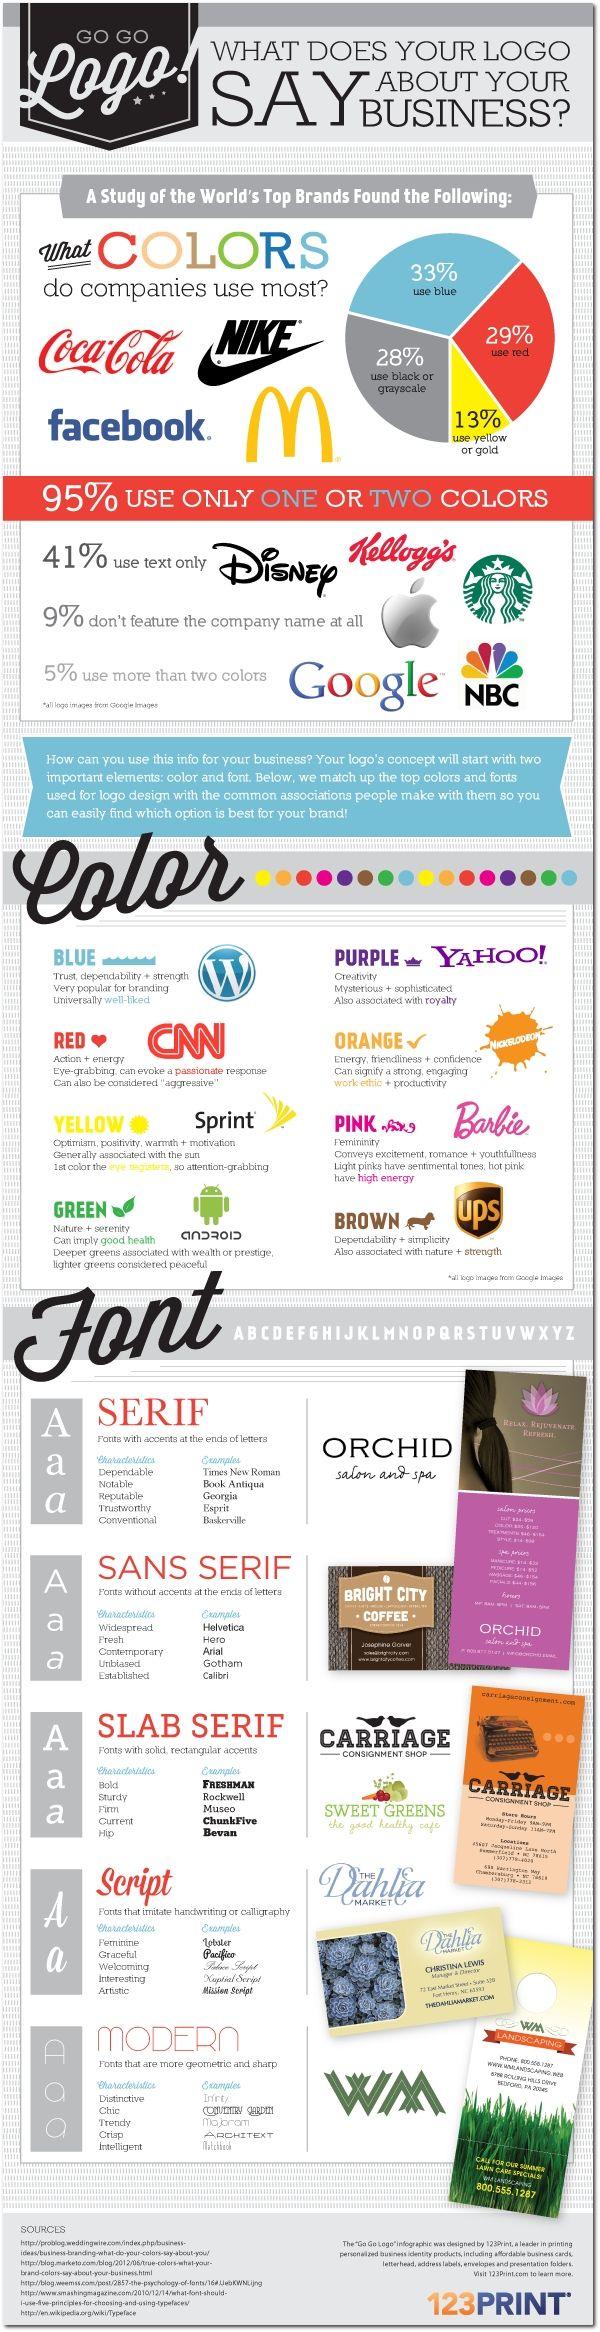 Pokaż nam swoje logo, a my powiemy jaka jest Twoja firma.